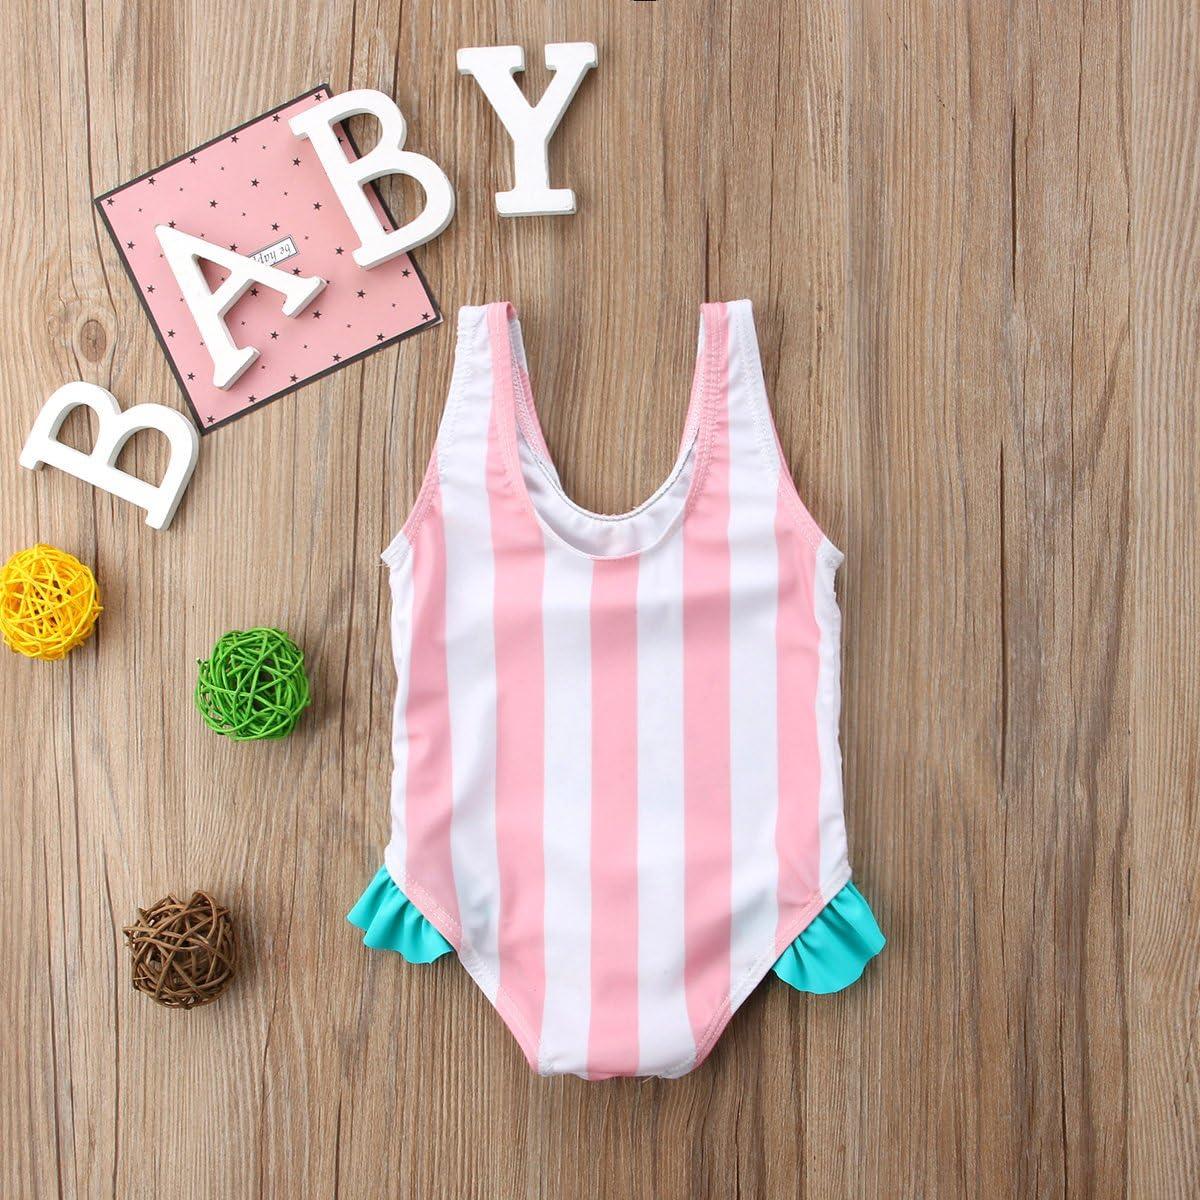 Newborn Baby Girl Floral Watermelon Swimsuit Striped Bathing Suit Bikini Cute Swimwear Baby Girls Beach Wear